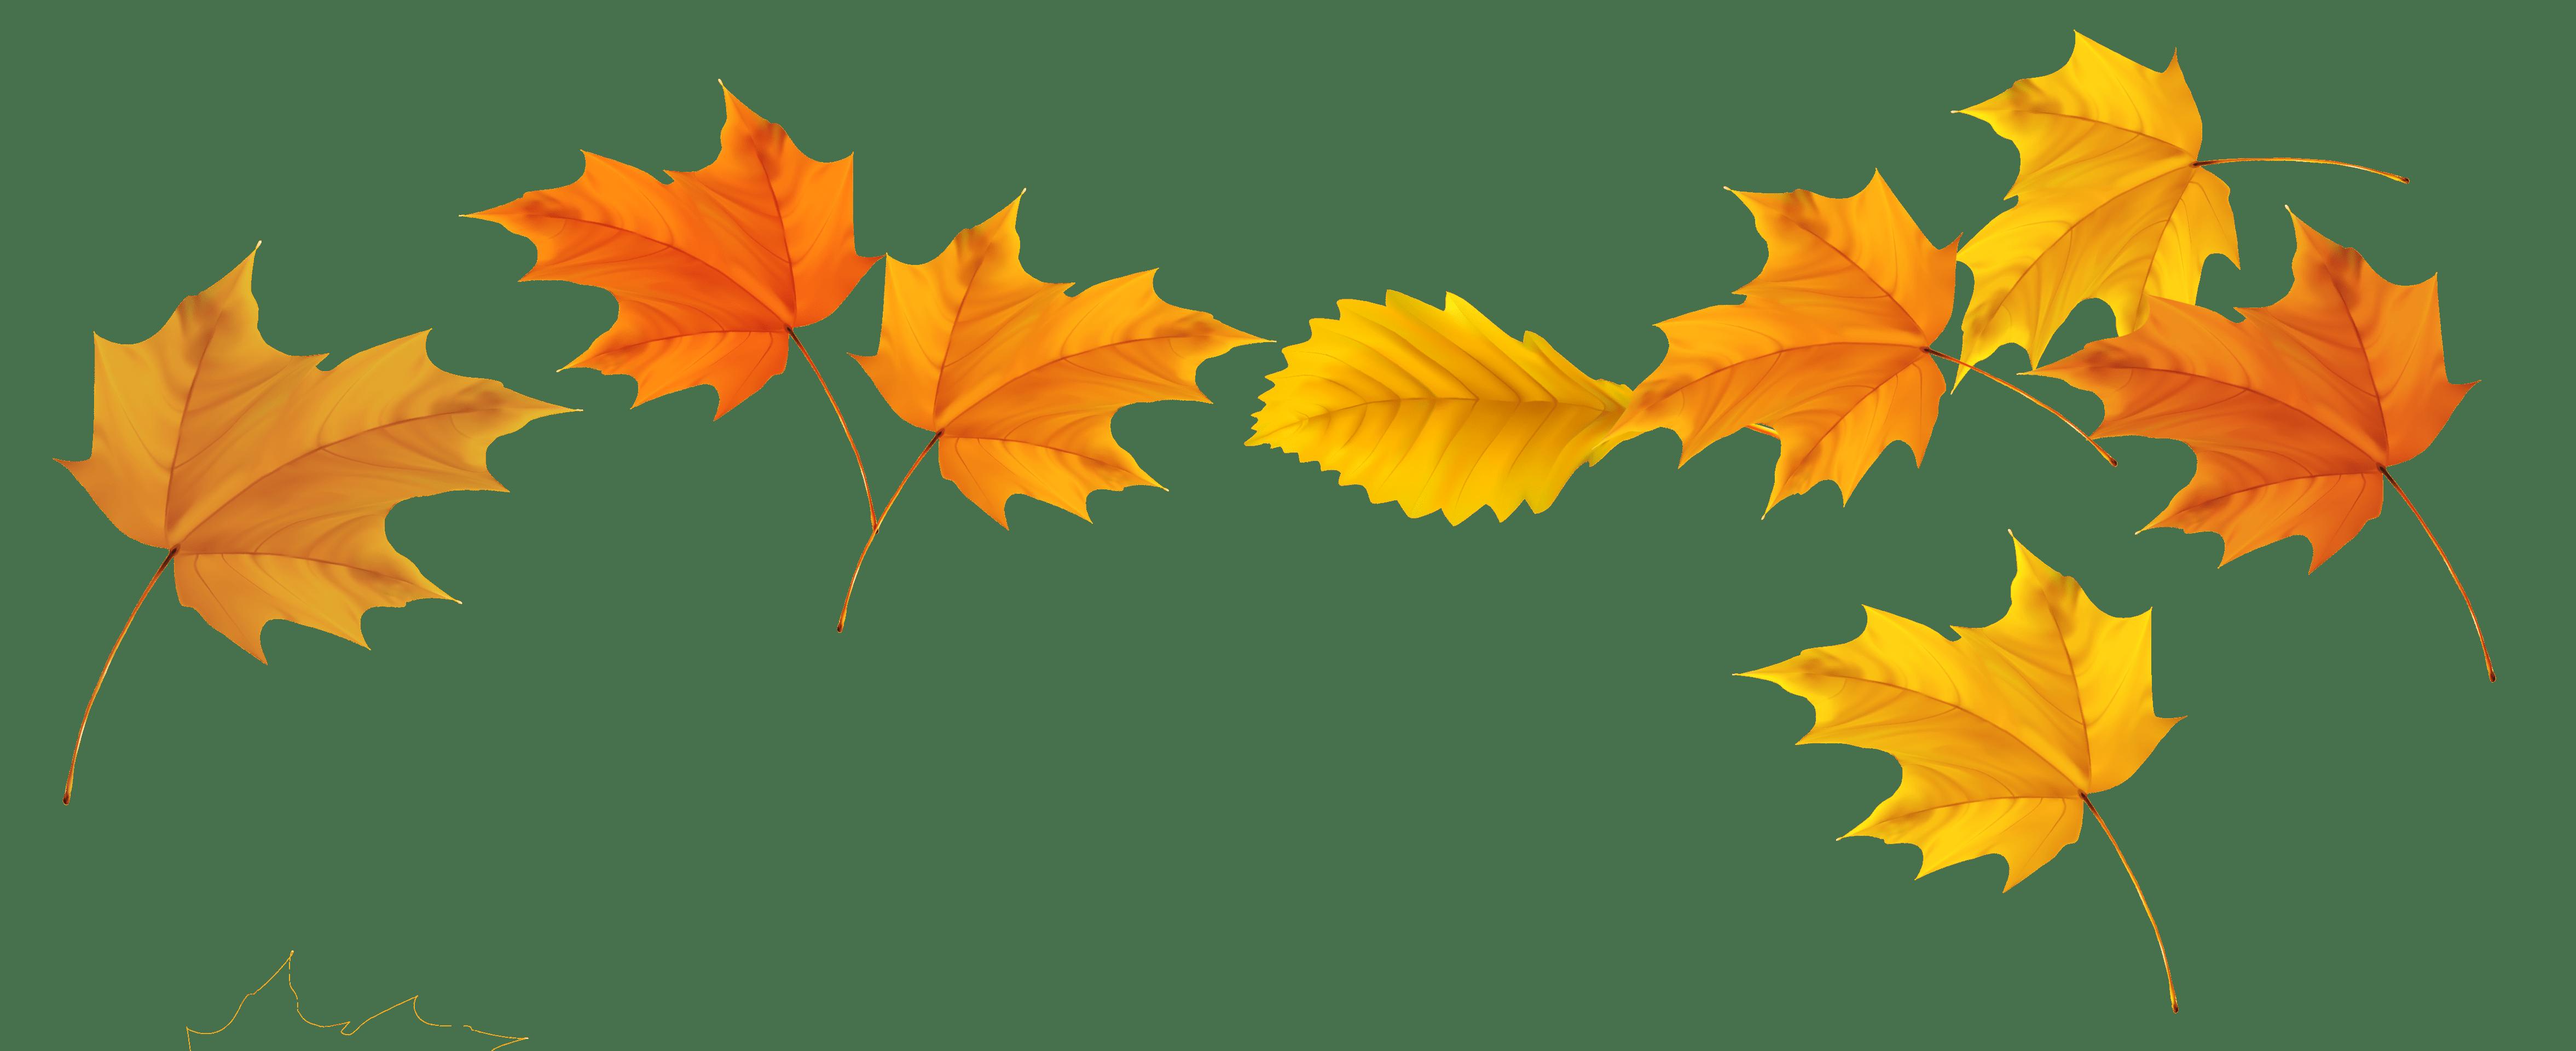 høst, interiør og dekor